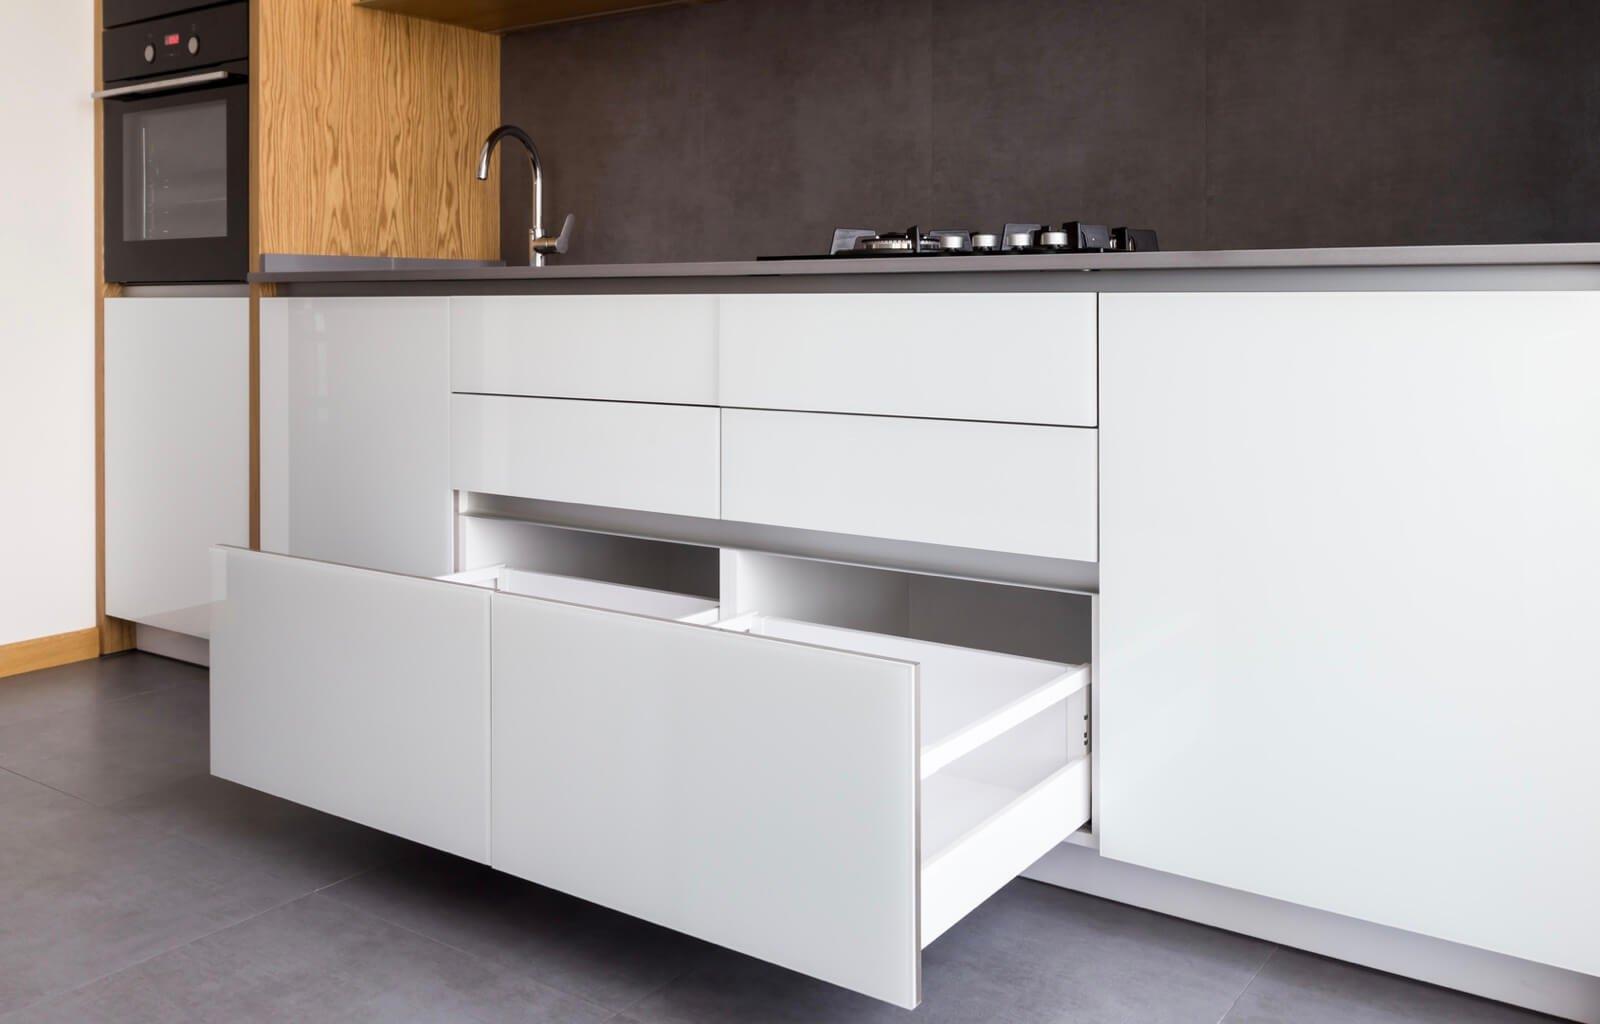 Full Size of Respekta Küche Zusammenstellen Küche Zusammenstellen Online Outdoor Küche Zusammenstellen Ikea Küche Zusammenstellen Küche Küche Zusammenstellen